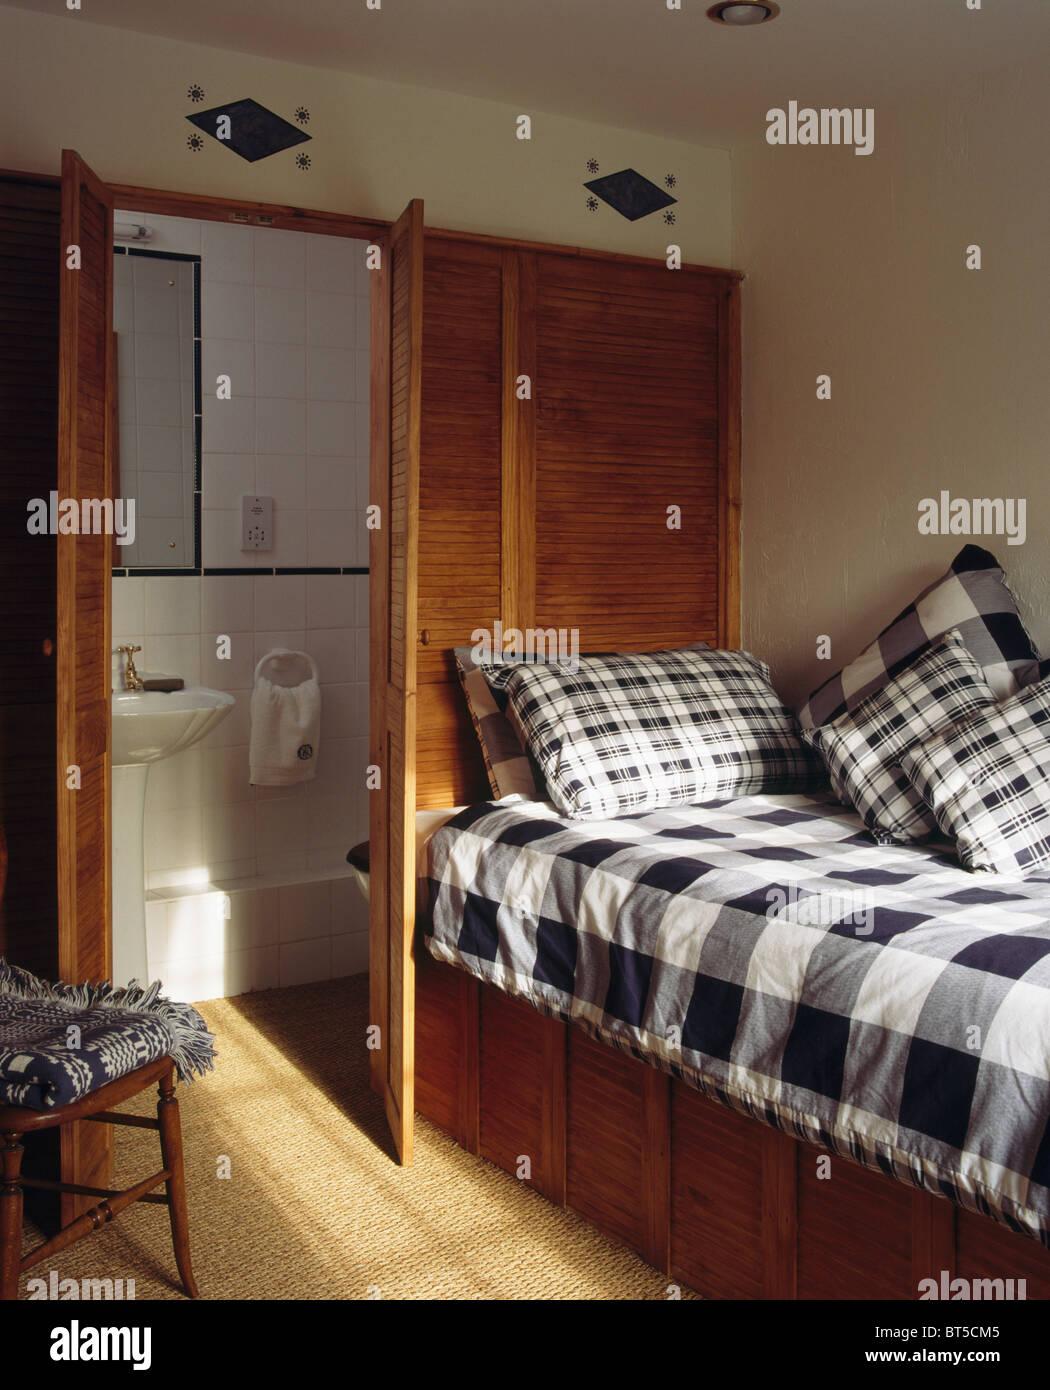 Schwarz + Weiß Aufgegebenes Kissen Und Bettdecke Auf Einbaubett In Kompakte  Schlafzimmer Mit Tür Offen Für En Suite Badezimmer